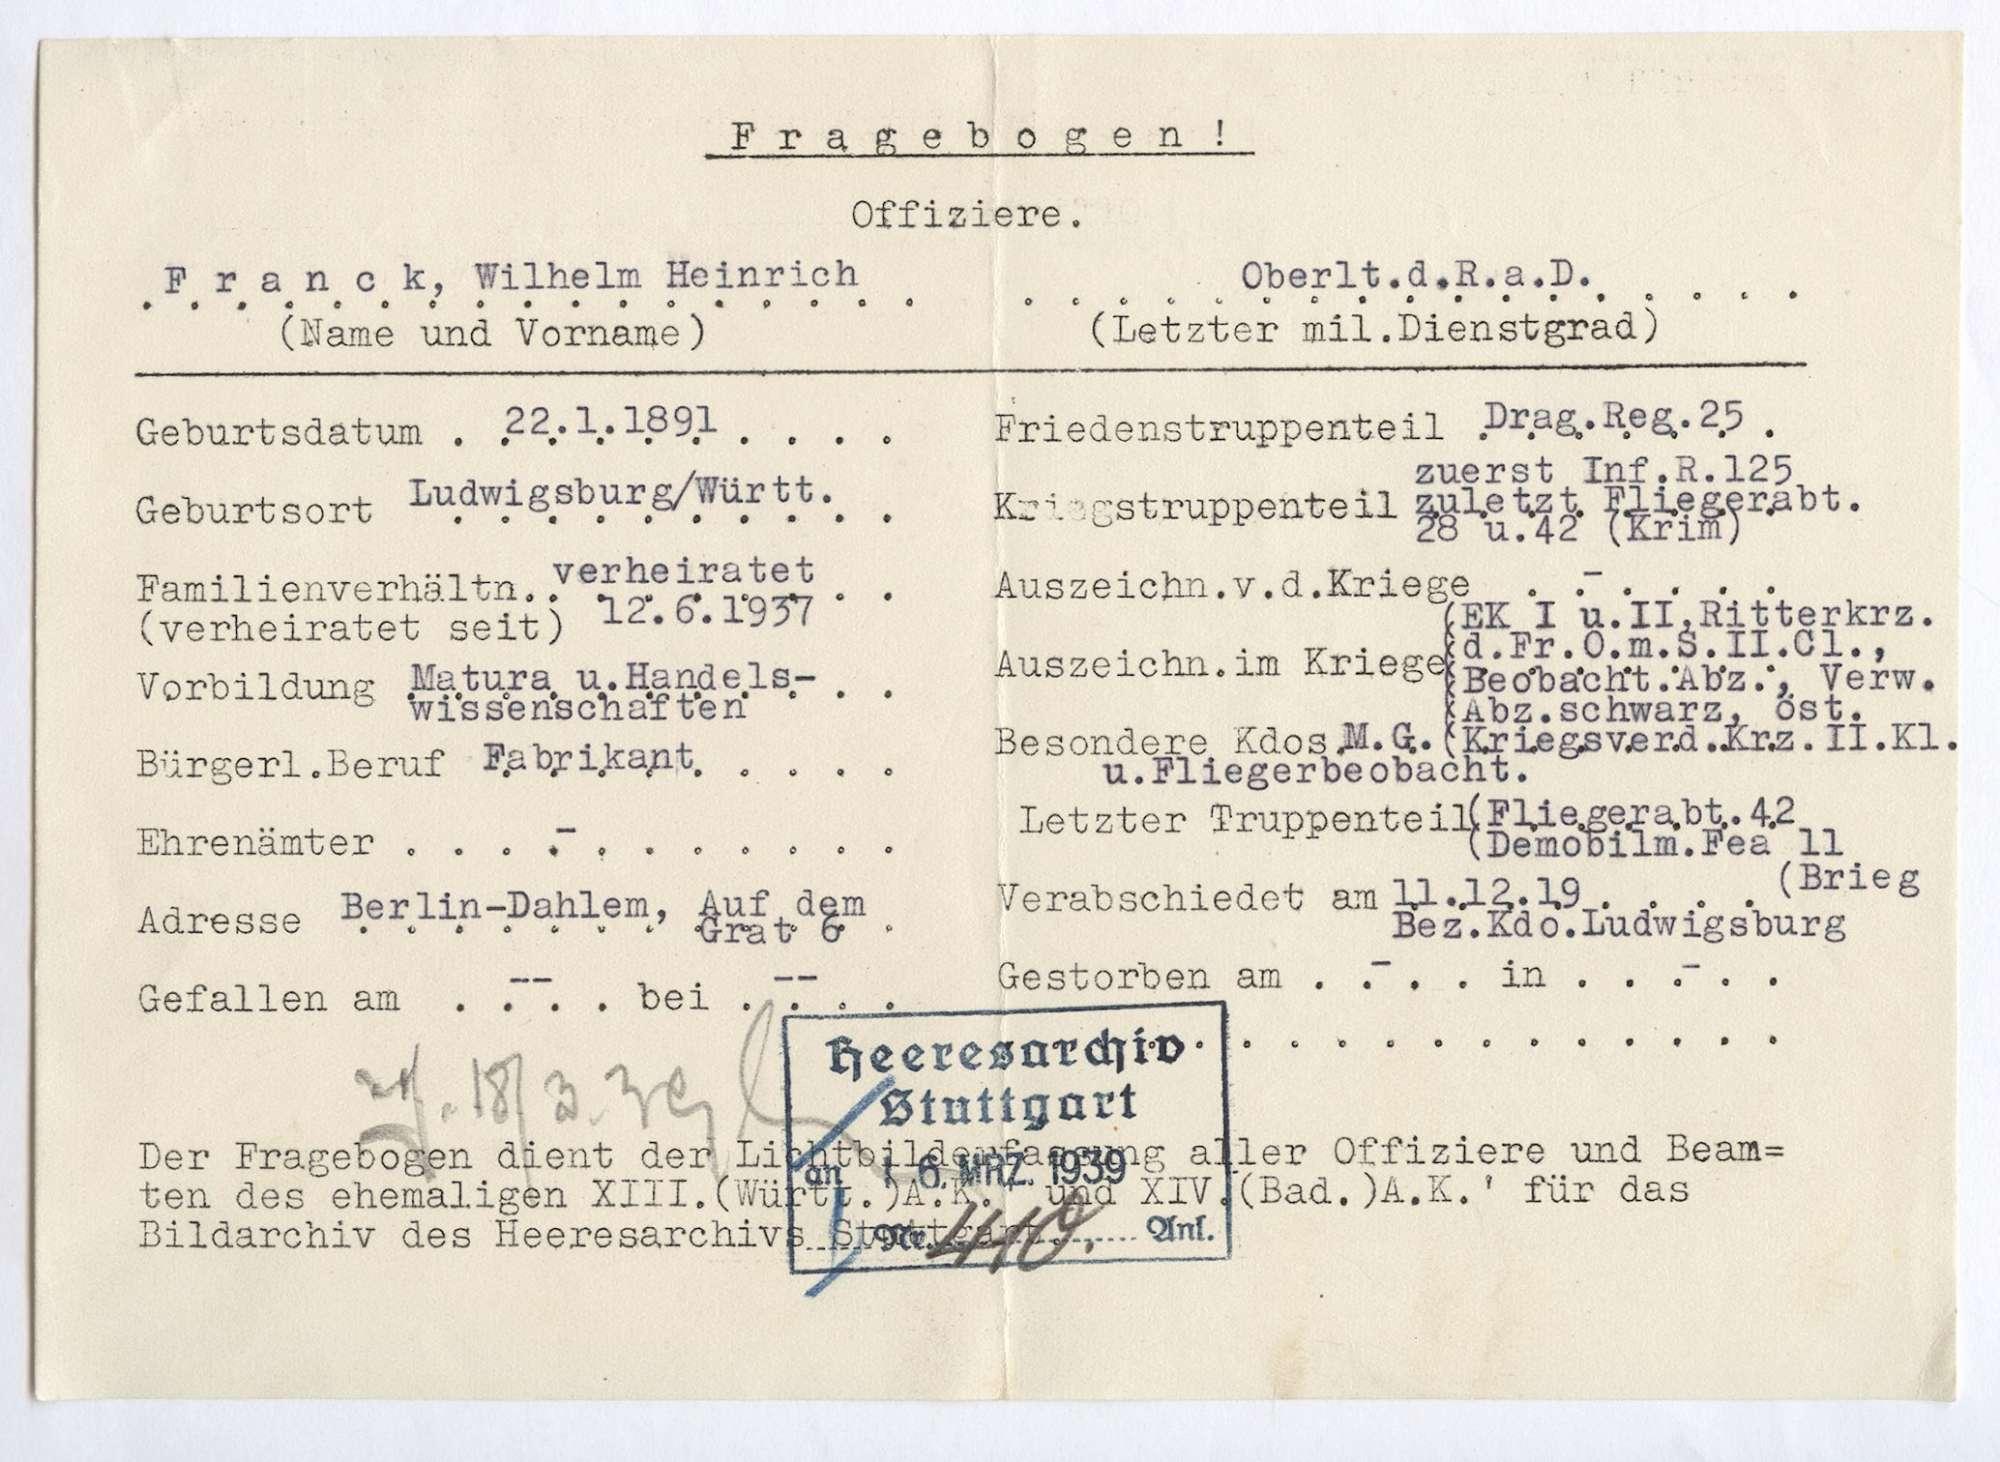 Frank, Wilhelm Heinrich, Bild 2